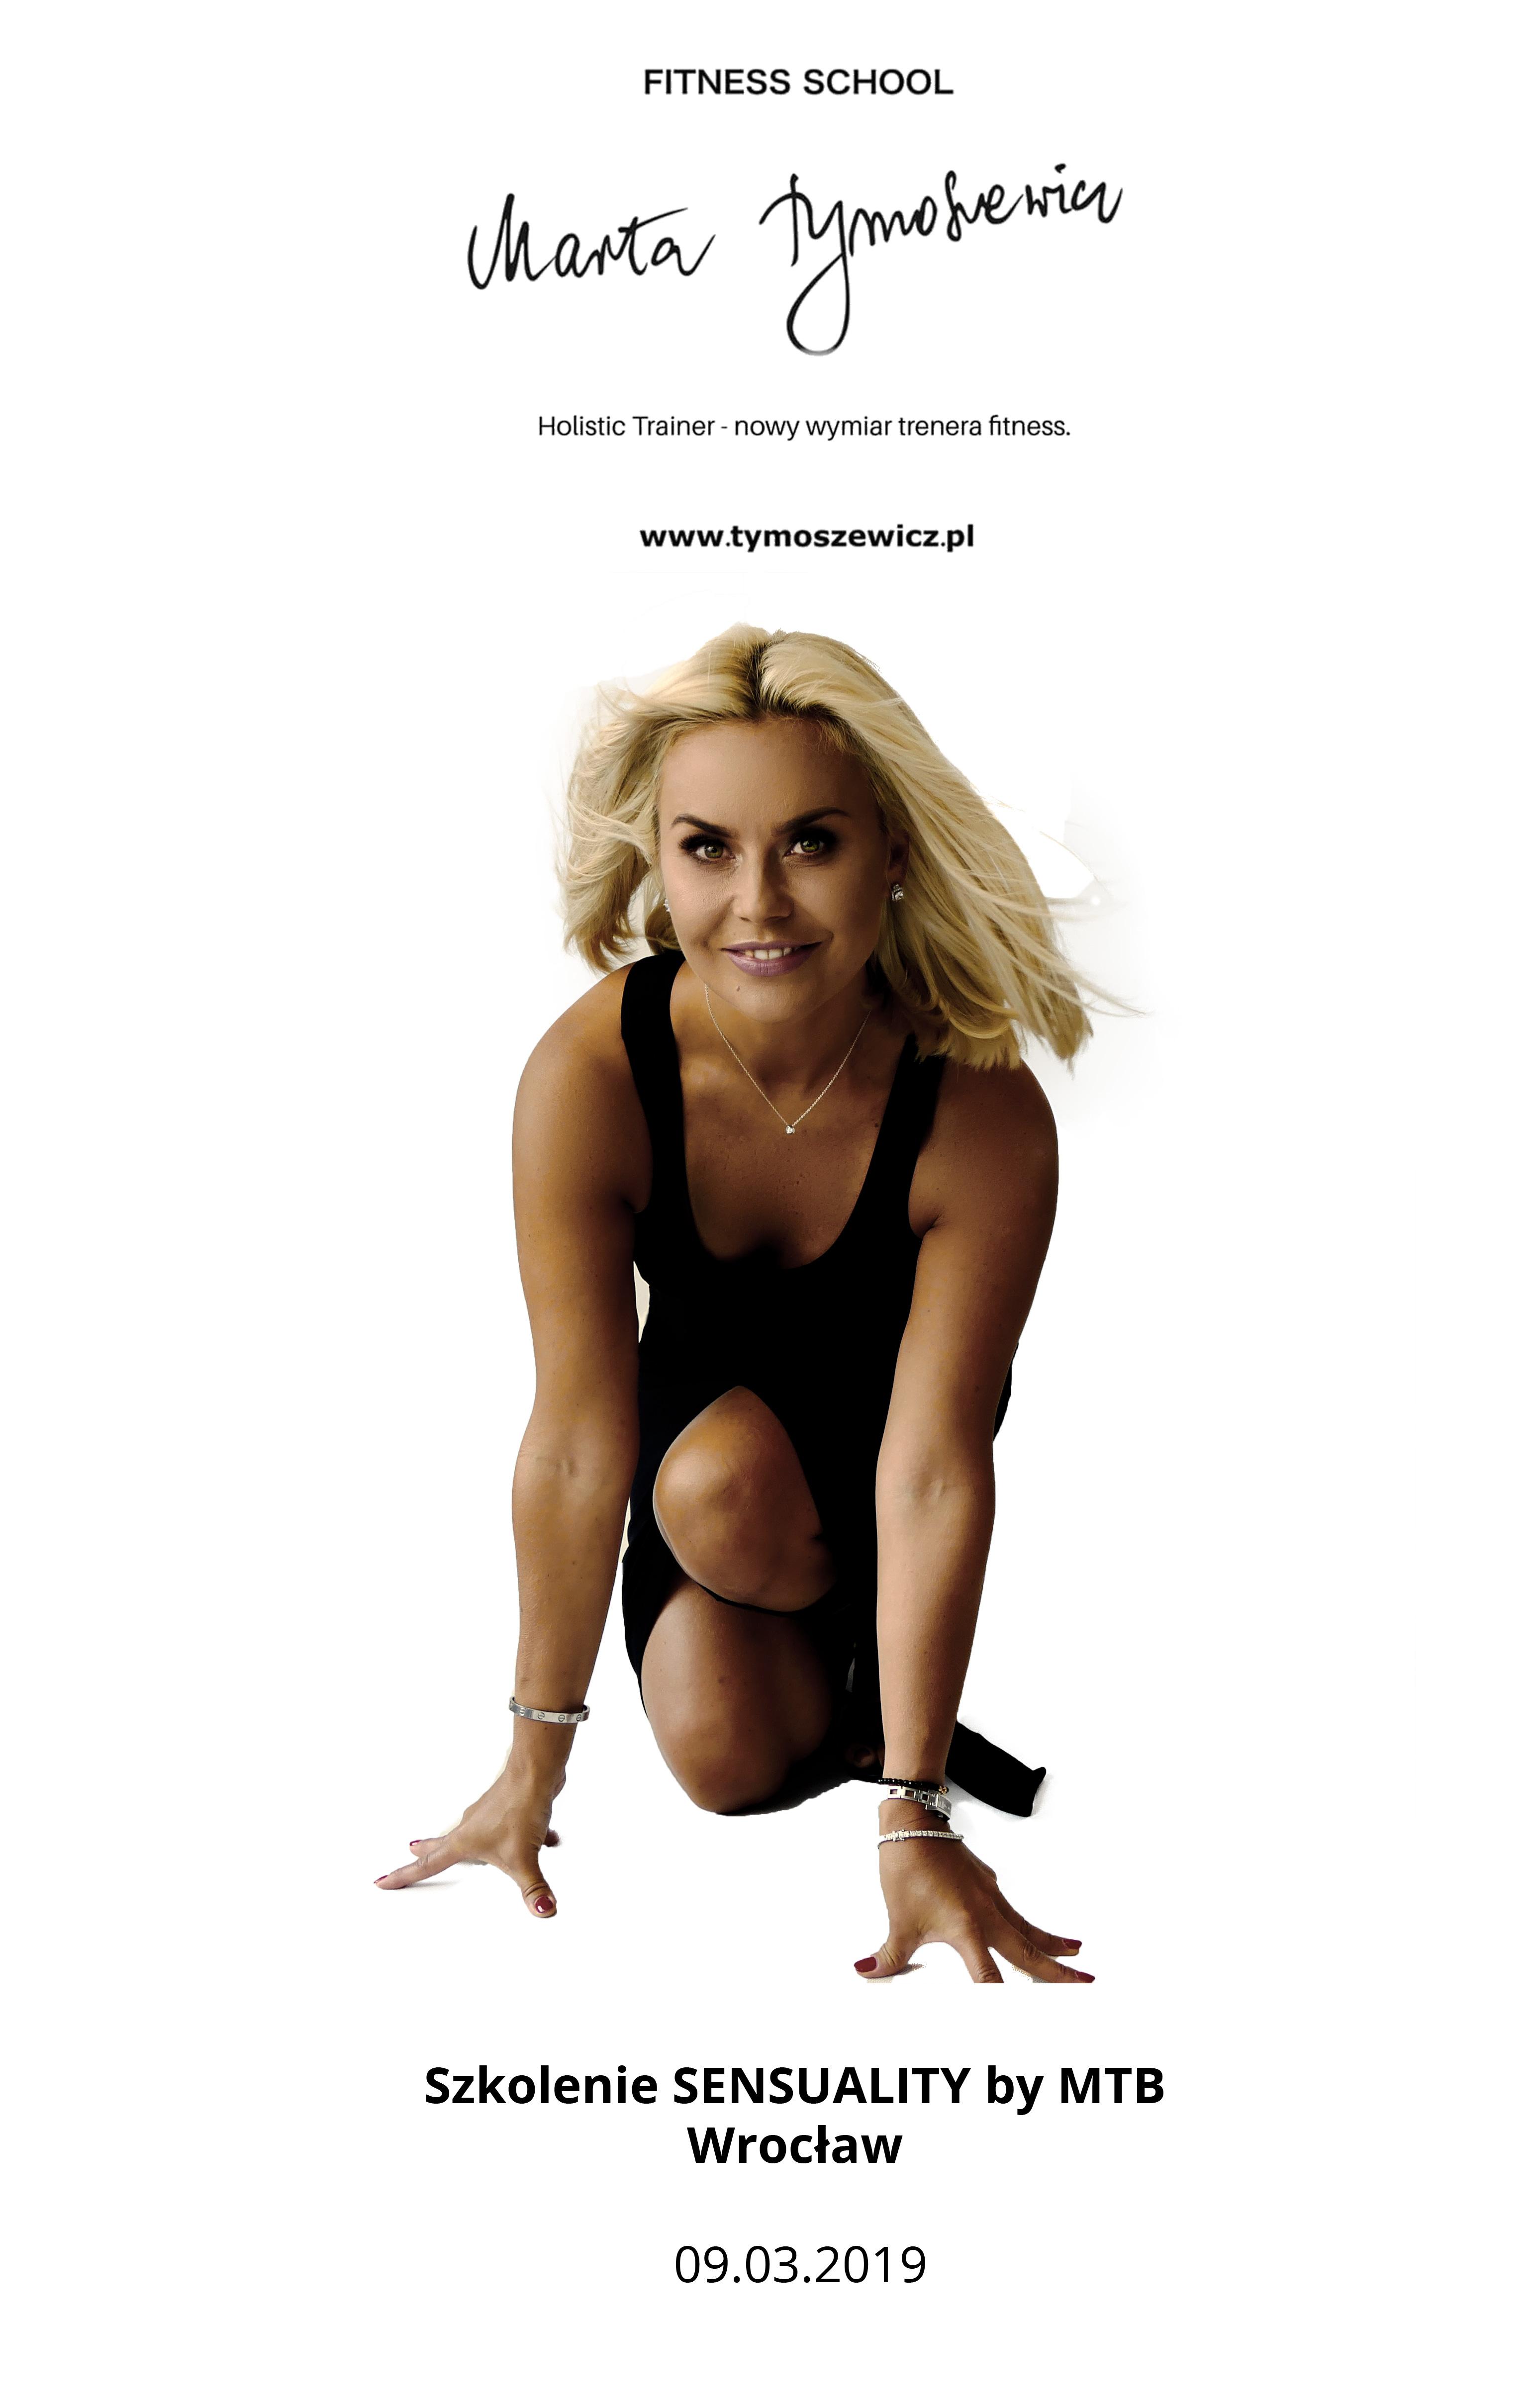 Szkolenie SENSUALITY, marta tymoszewicz, tymoszewicz, fitness school